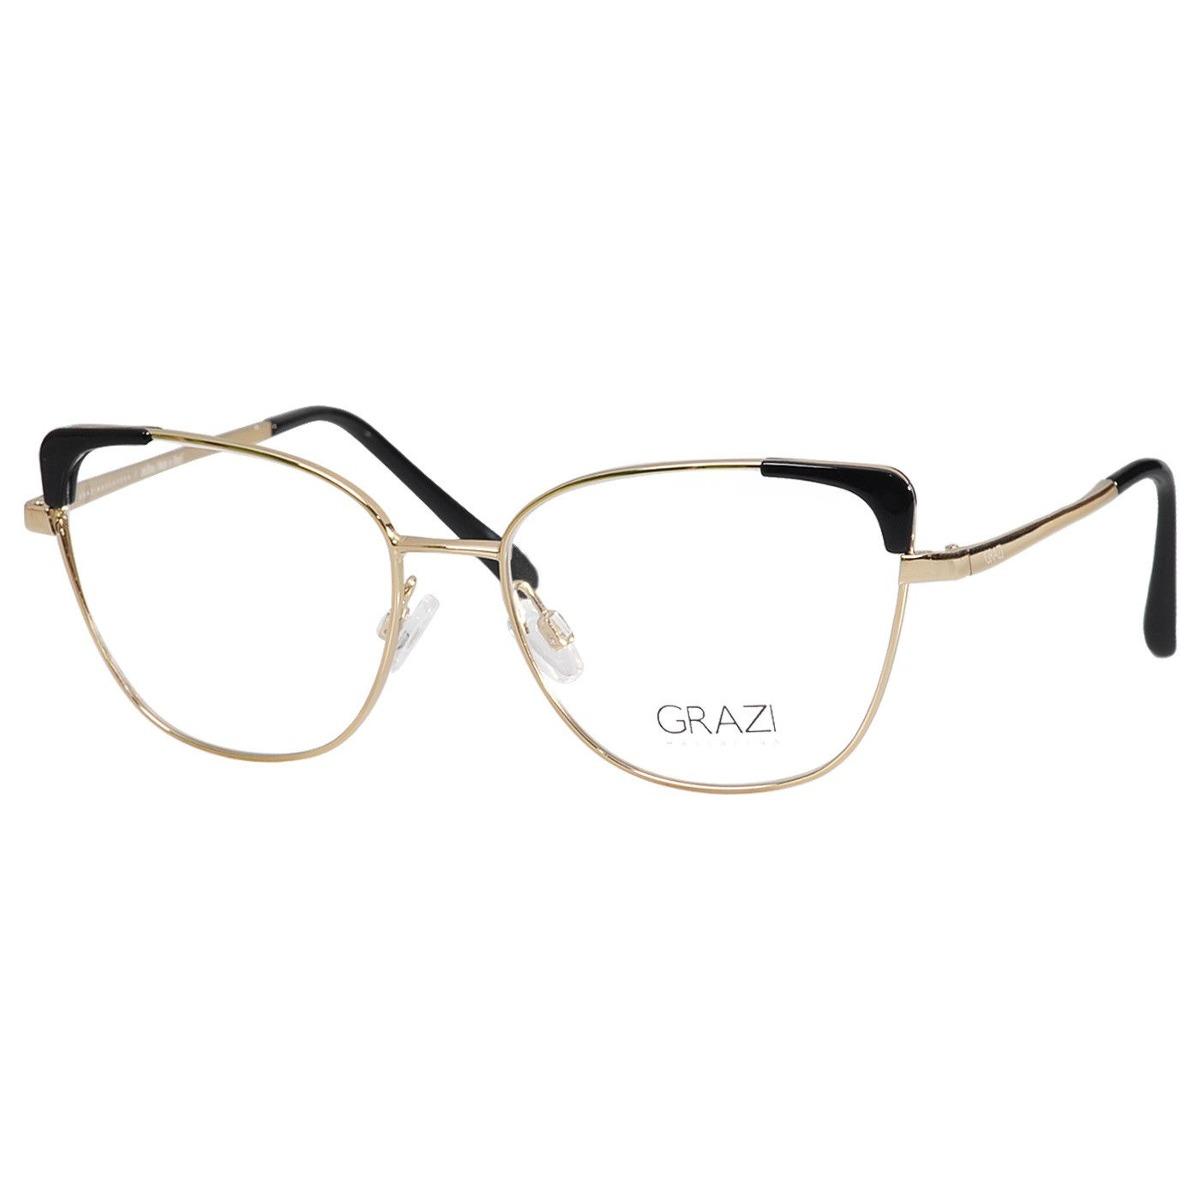 40af96bce Armação Óculos De Grau Feminino Grazi Massafera Gz1013 F920 - R$ 224 ...